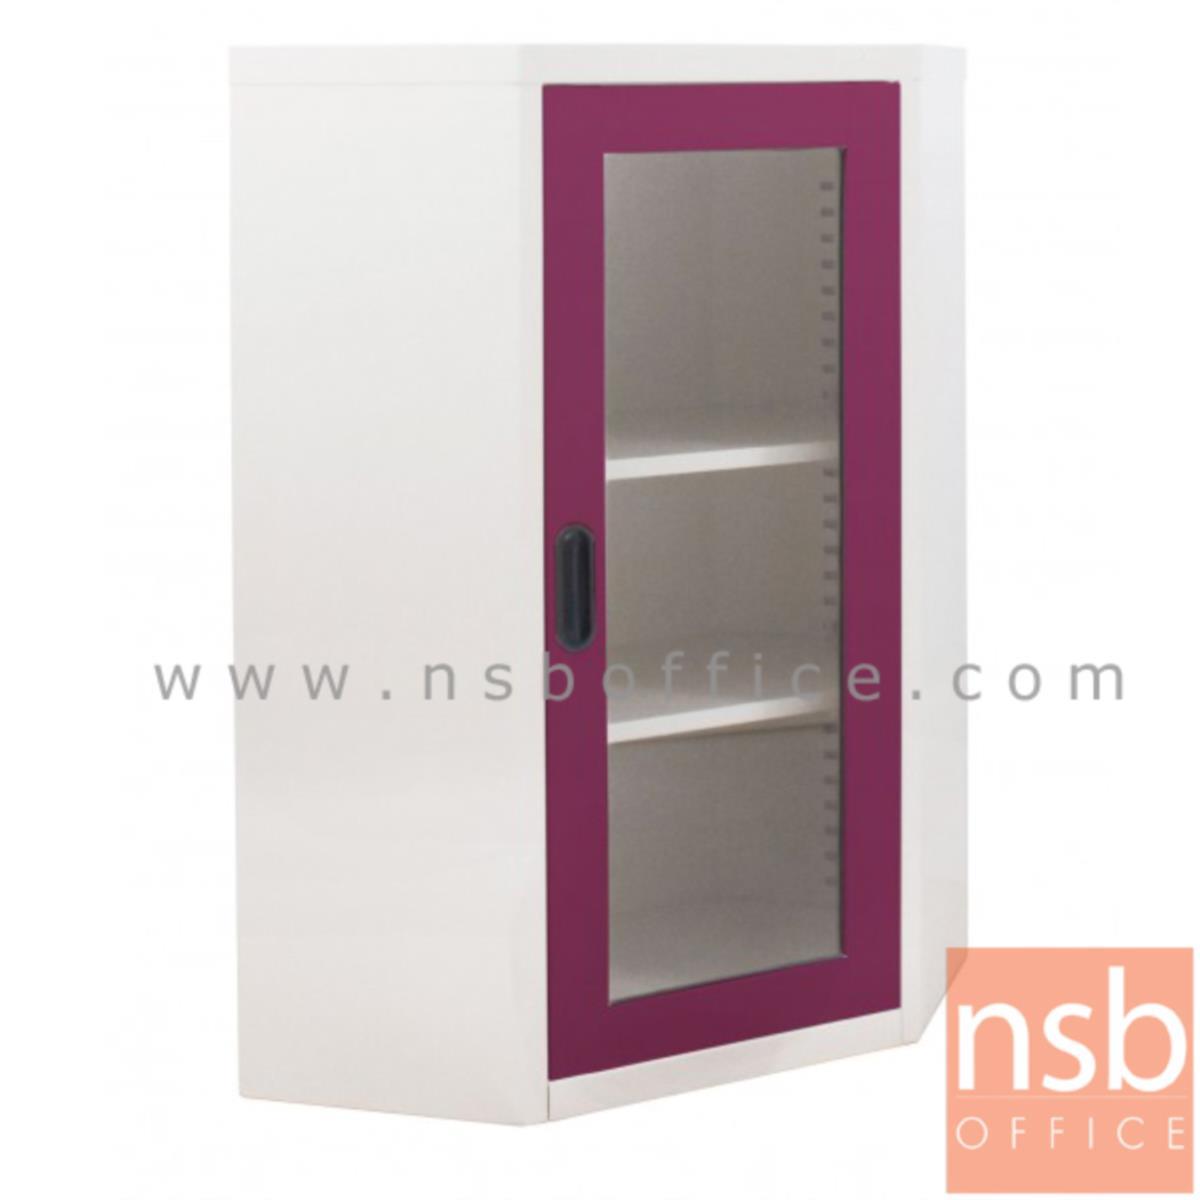 E21A030:ตู้อเนกประสงค์เตี้ยเข้ามุม สูง 105 ซม. บานกระจก รุ่น MAX-072